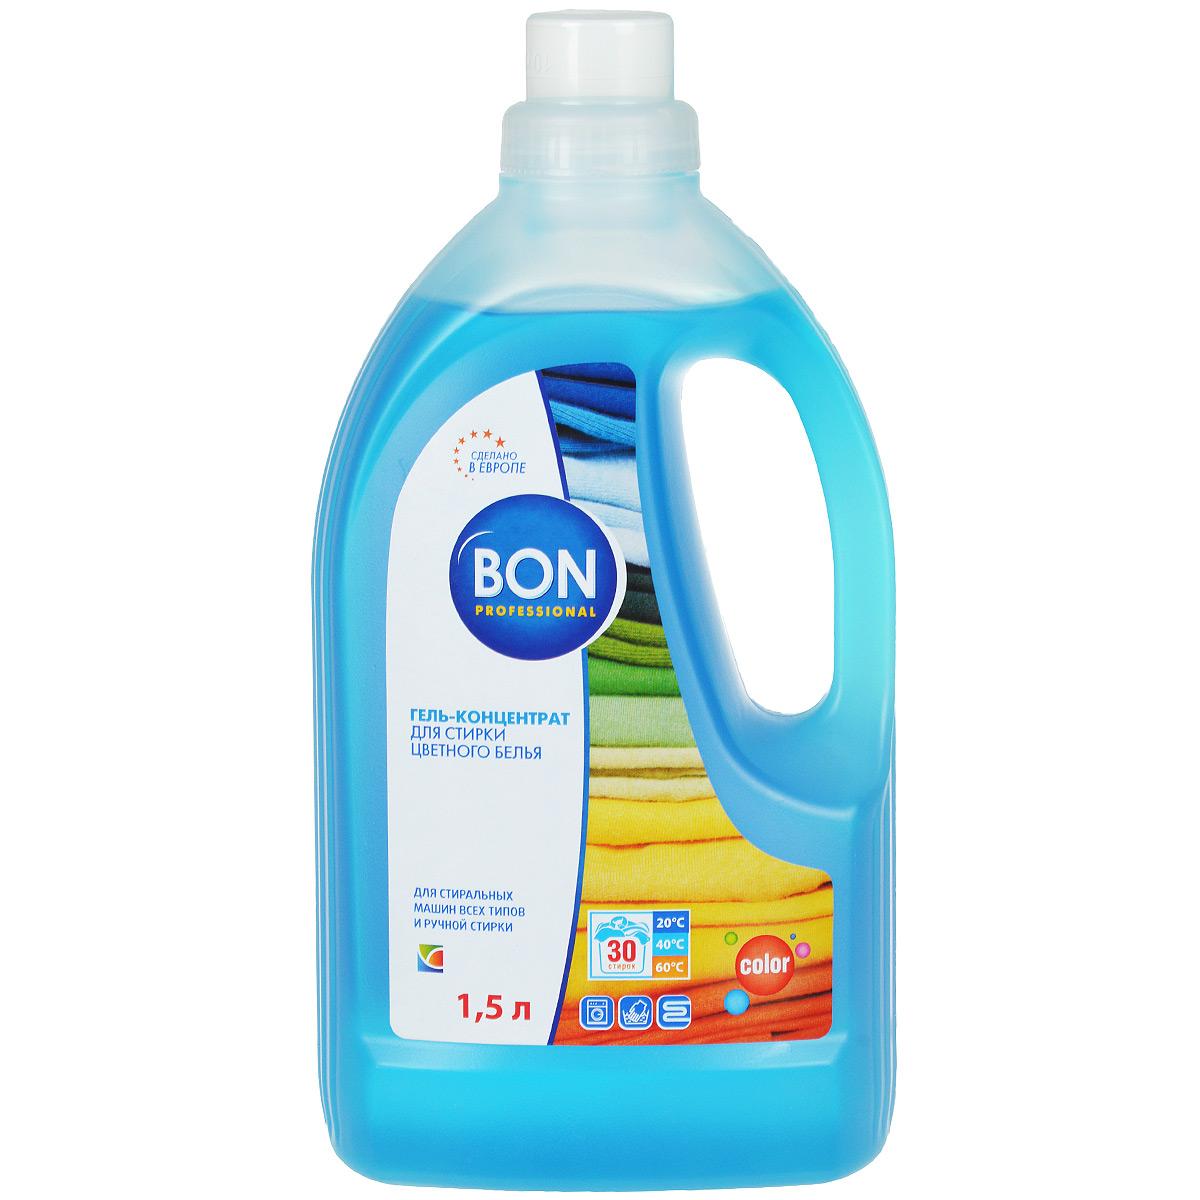 Гель Bon, для стирки цветного белья, концентрат, 1,5 лAG-81490442Концентрированный гель Bon предназначен для стирки цветного белья. Гель содержит биодобавки - энзимы для выведения пятен. Средство эффективно растворяет жир, сохраняет насыщенность цвета, придает белью аромат свежести и защищает стиральную машину от образования известкового налета и накипи. Не содержит фосфаты. Подходит для стиральных машин любого типа, активно действует в воде любой жесткости и при температурном режиме от +20°С до 60°С. Может использоваться при ручной стирке. Подходит для всех типов ткани.